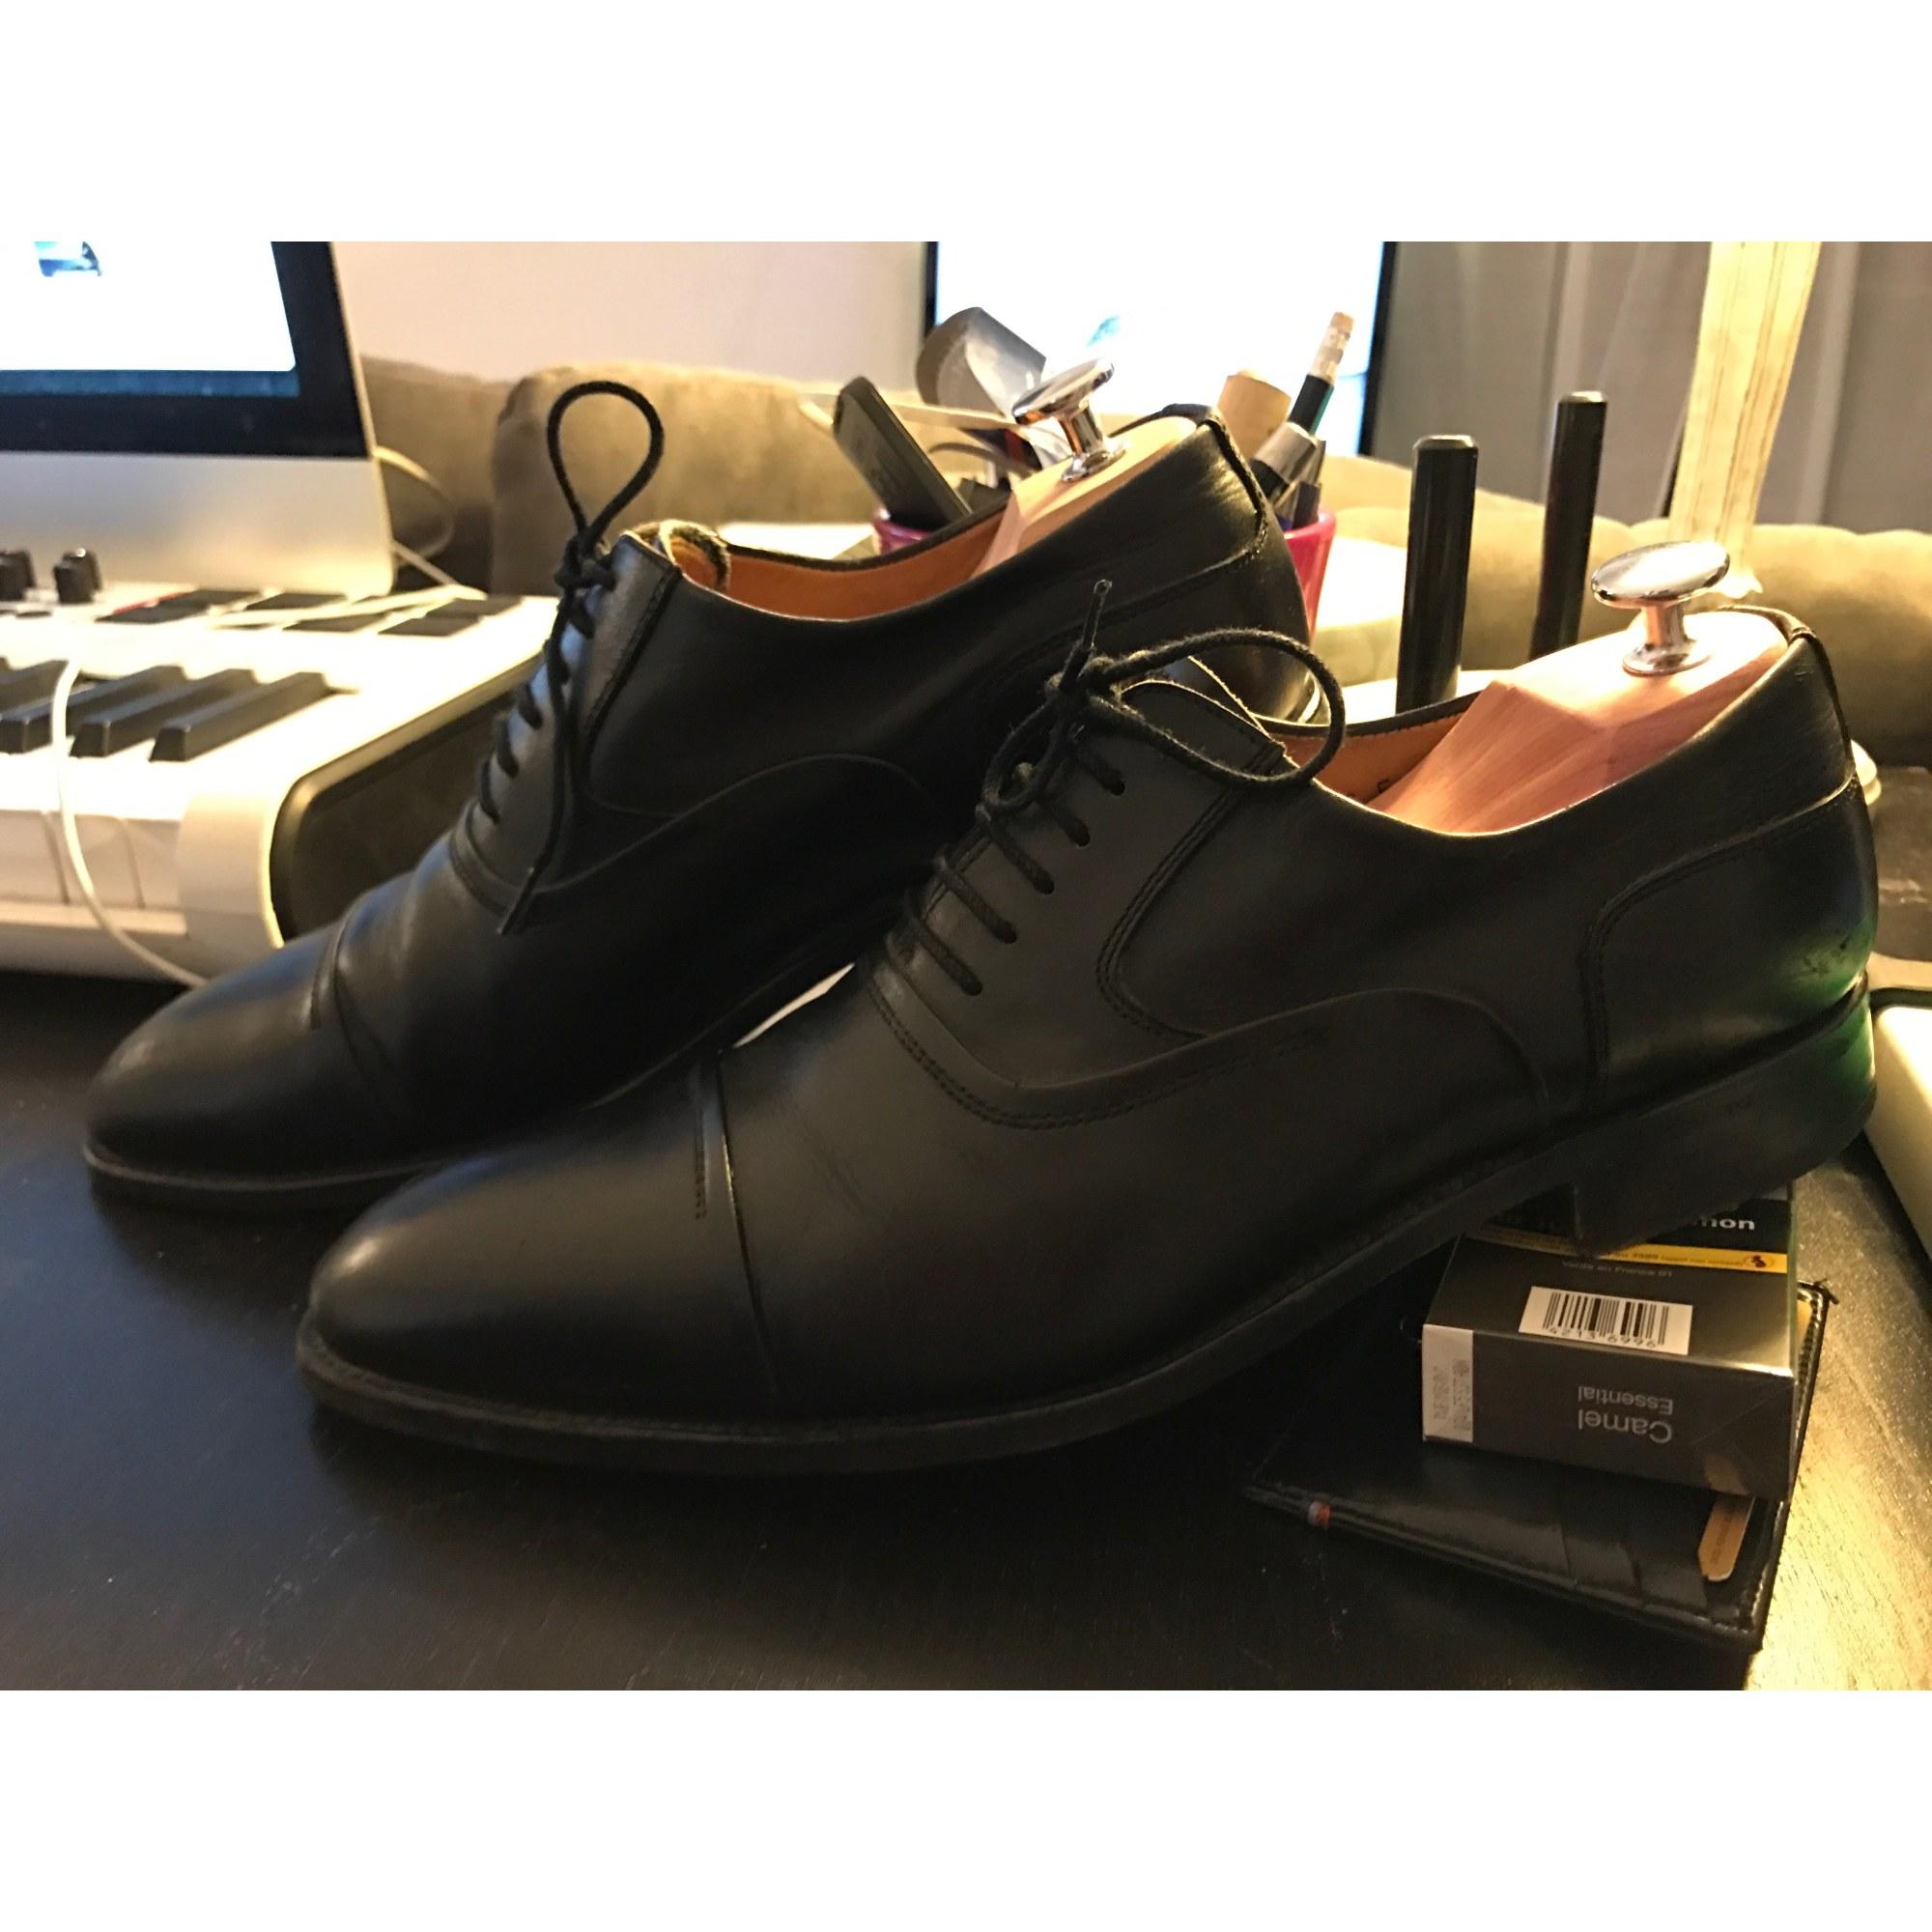 huge discount ffe2d a6940 Chaussures à lacets MACK JAMES Noir